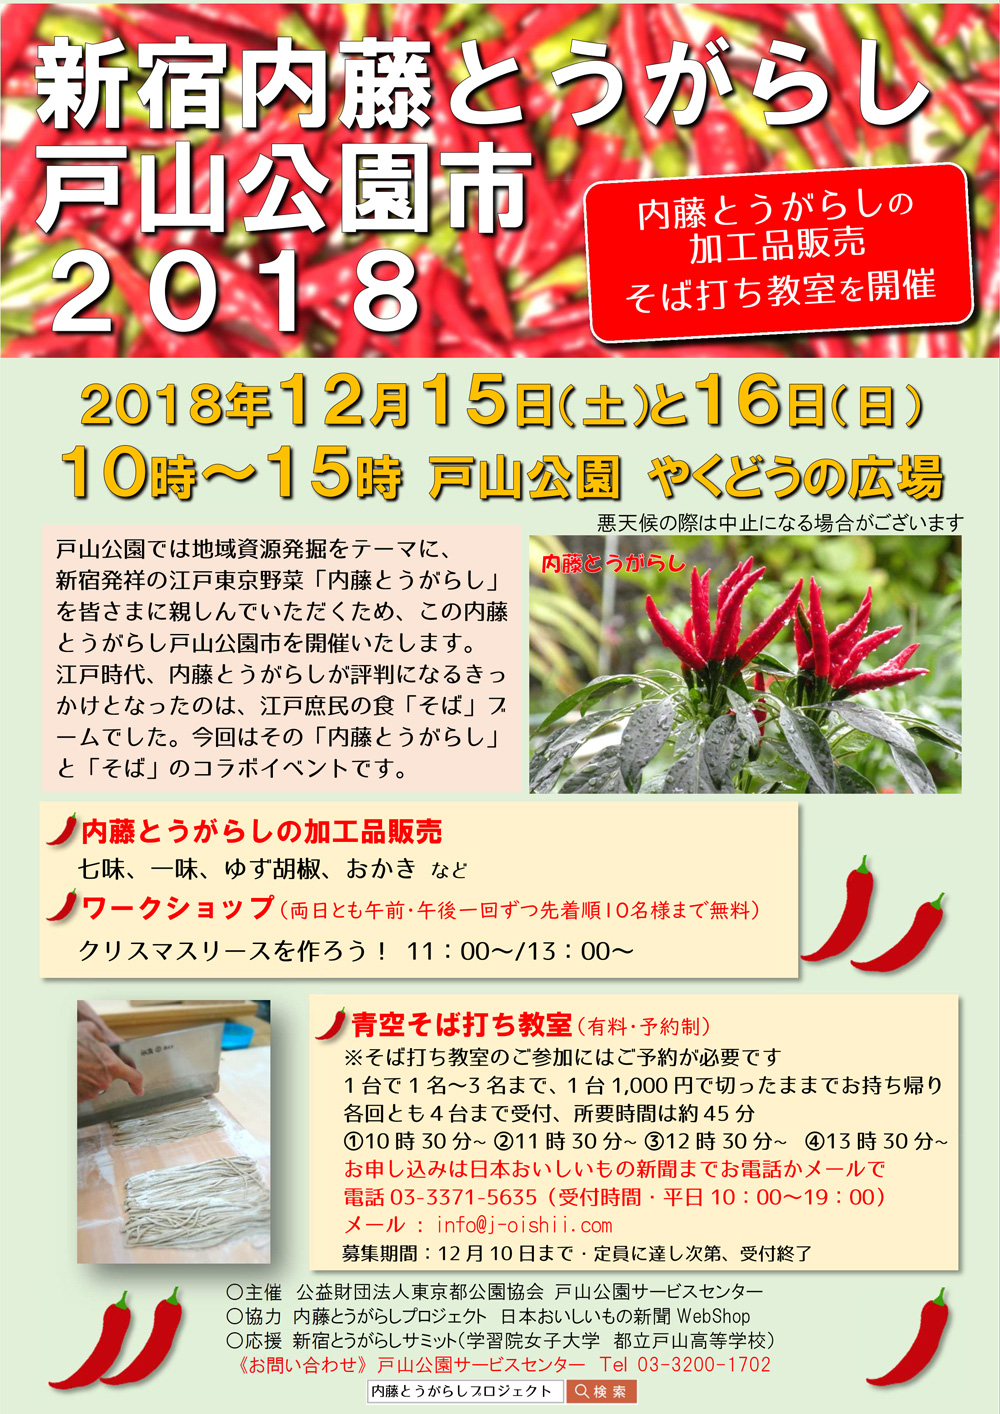 新宿内藤とうがらし戸山公園市2018